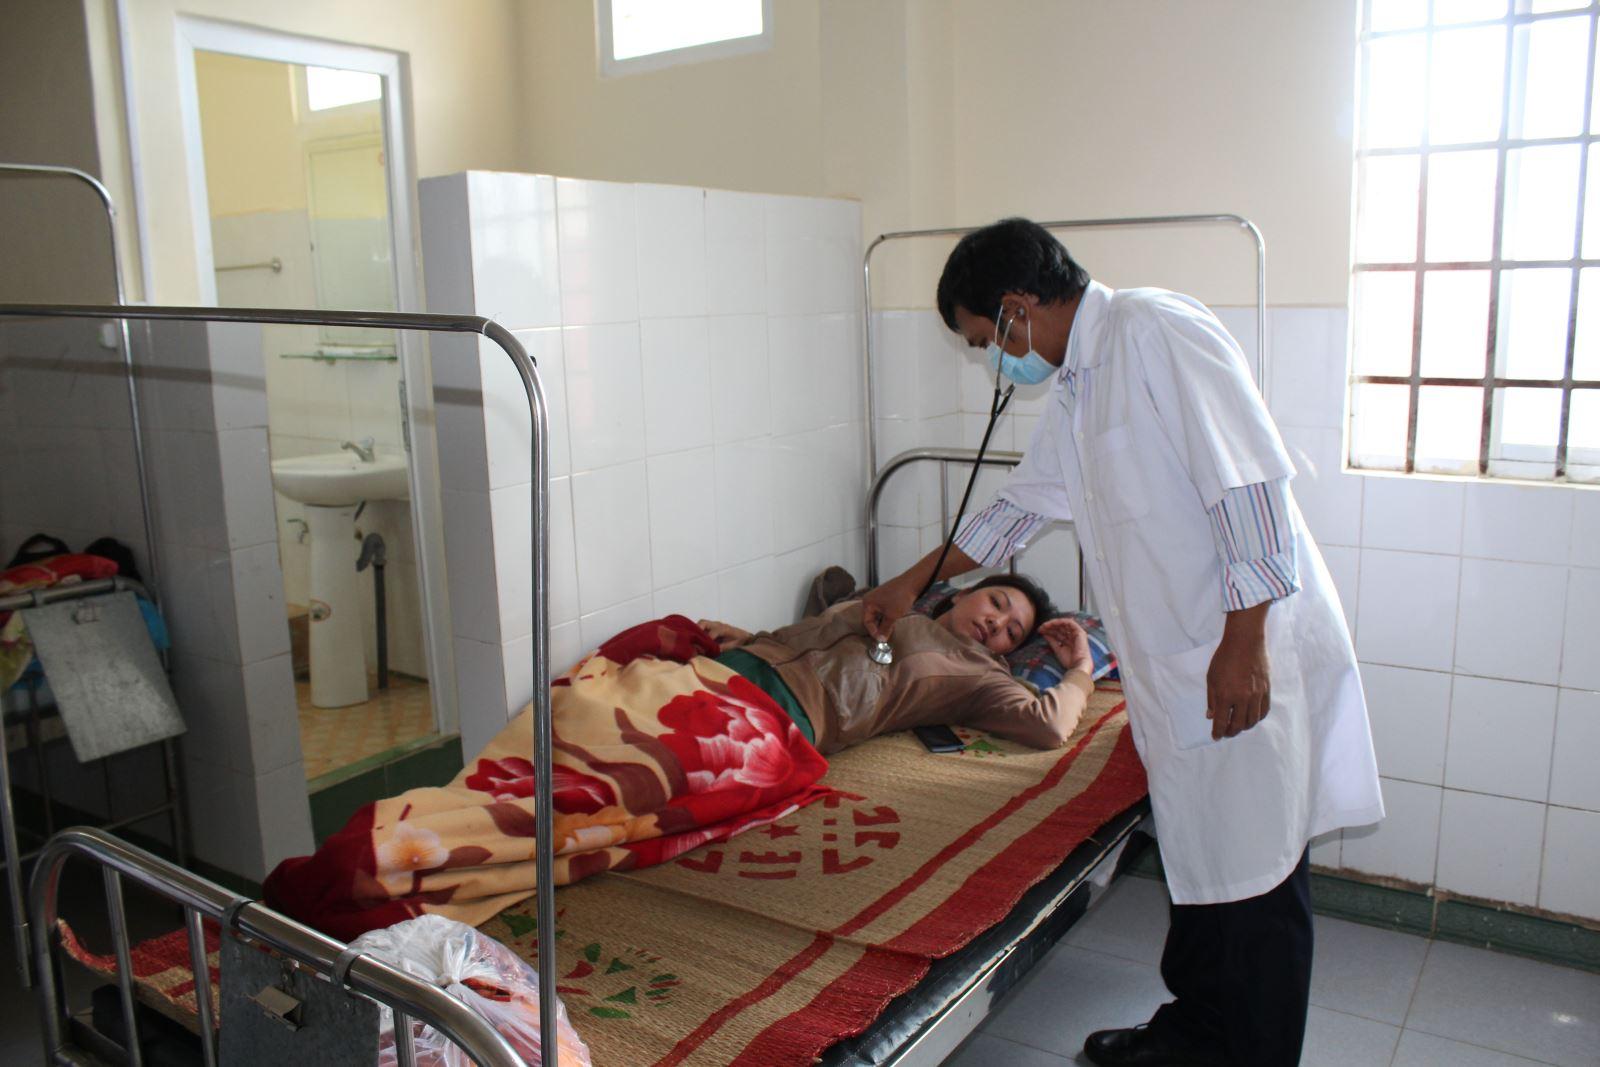 Phê duyệt điều chỉnh Báo cáo kinh tế kỹ thuật công trình Bệnh viện Đa khoa huyện M'Drắk hạng mục: Cải tạo, nâng cấp Khu khám Đa khoa